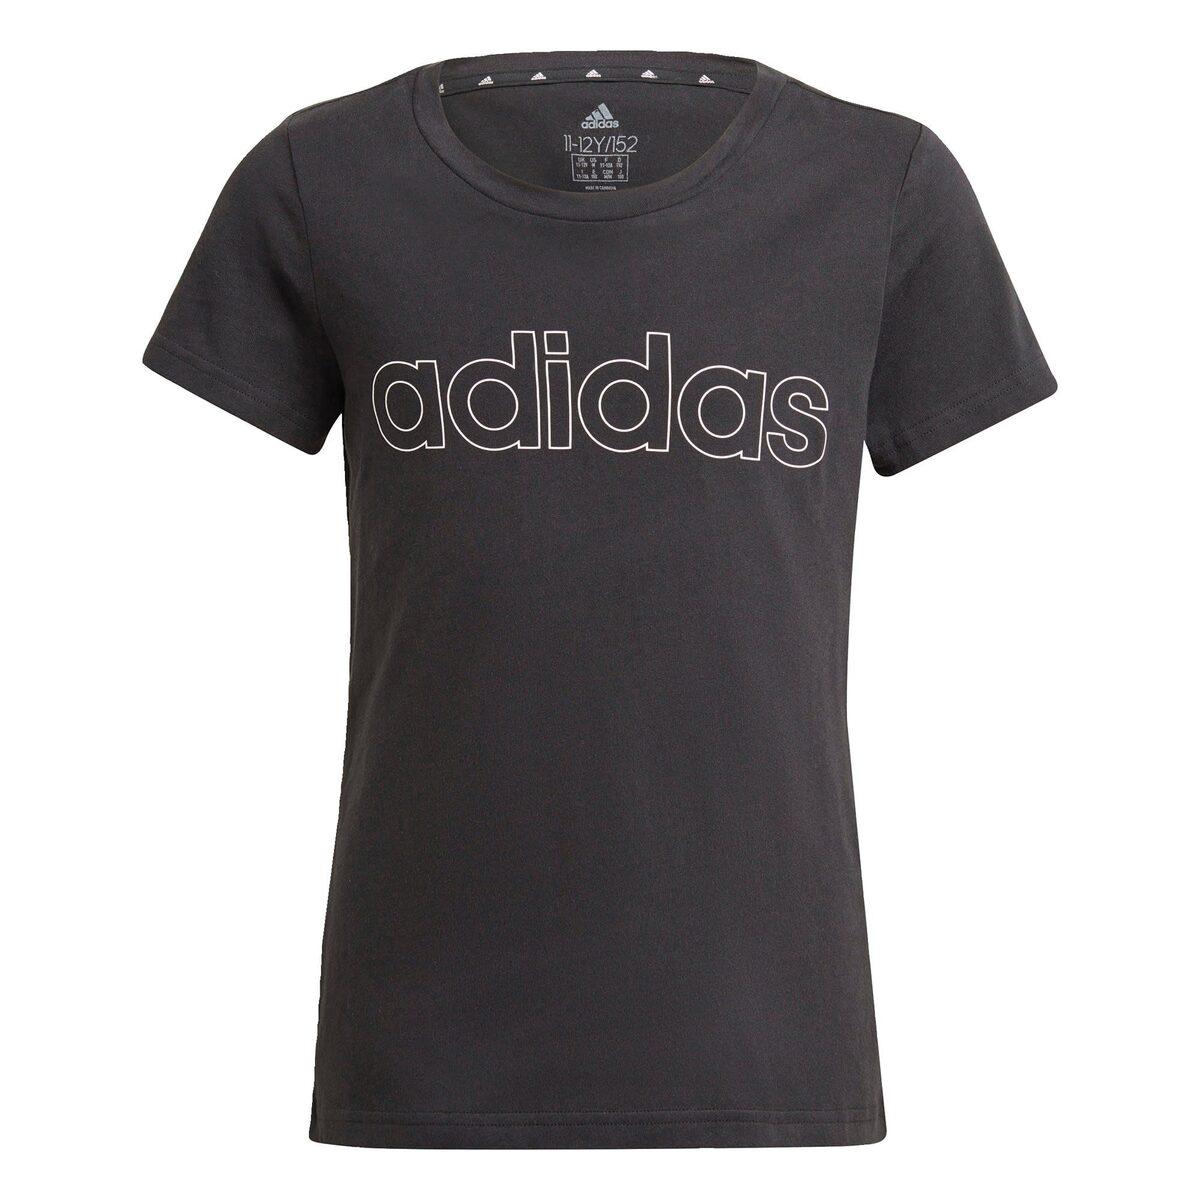 Bild 4 von adidas Performance Trainingsshirt »ADIDAS GIRLS ESSENTIALS LOGO TEE«